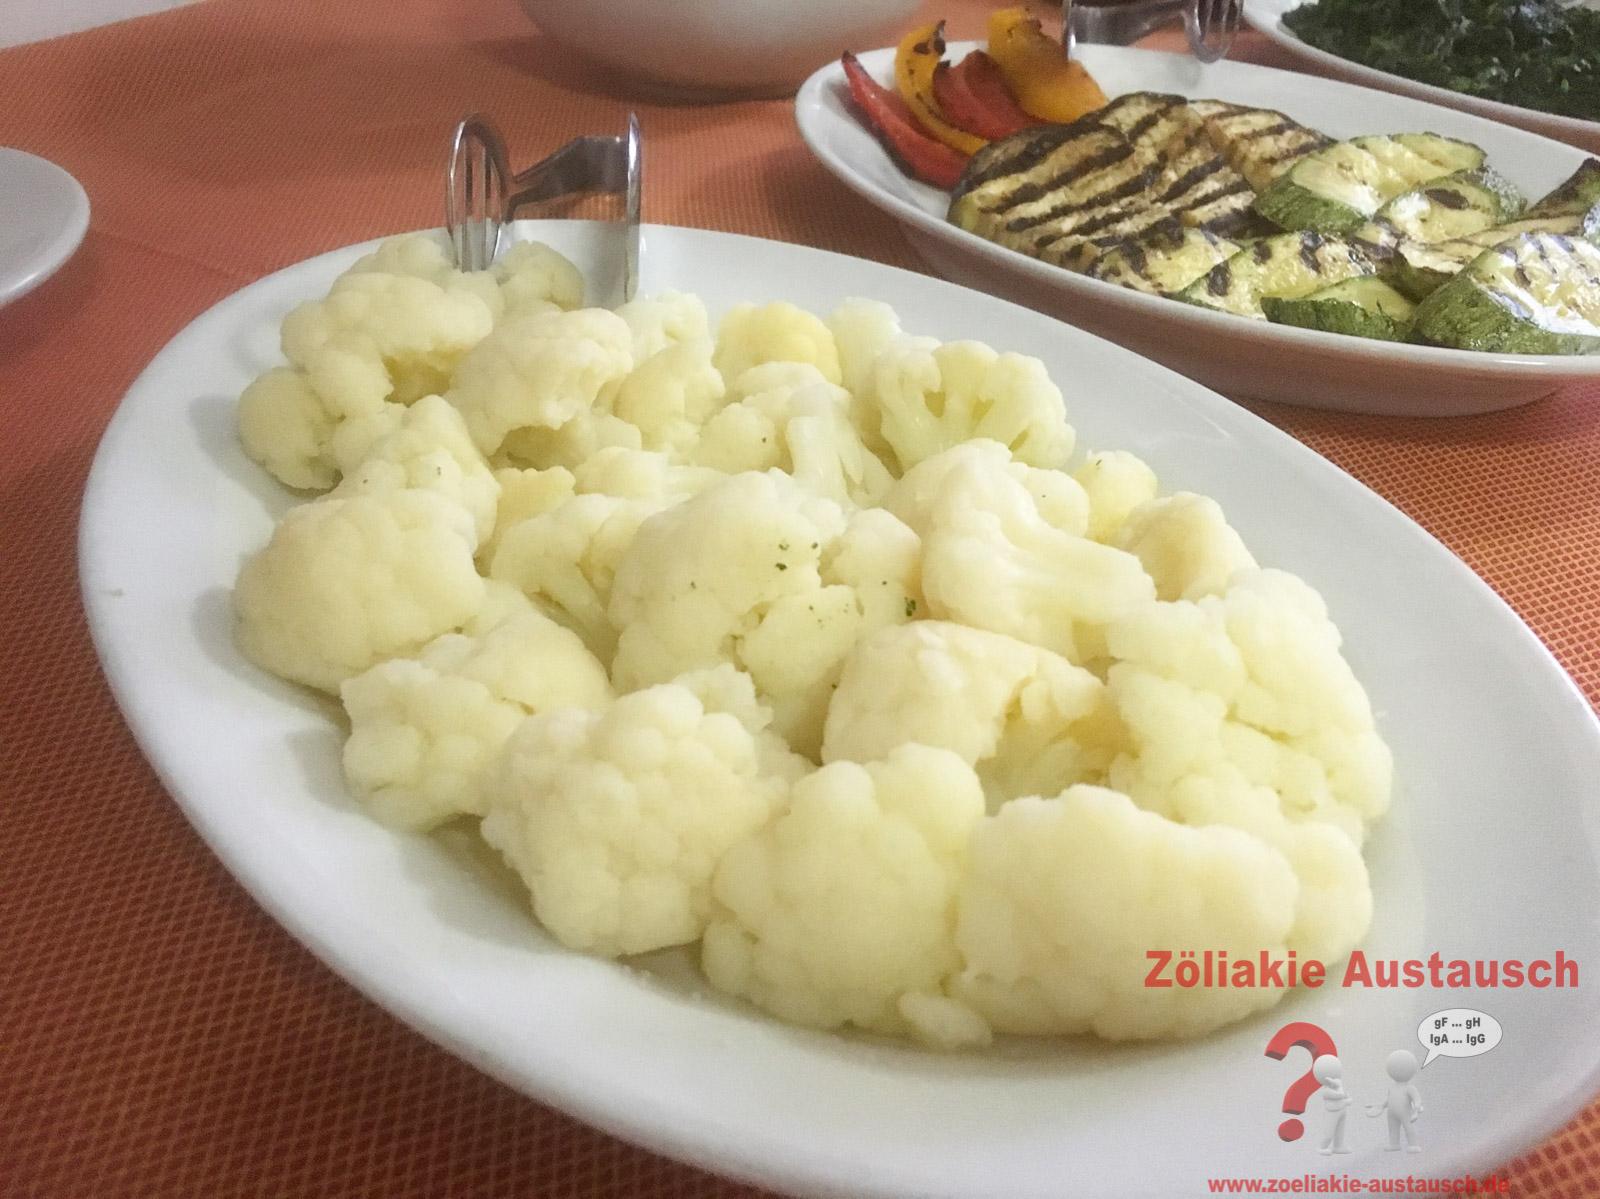 Zoeliakie_Austausch_Italien_2016_05_IMG_0067